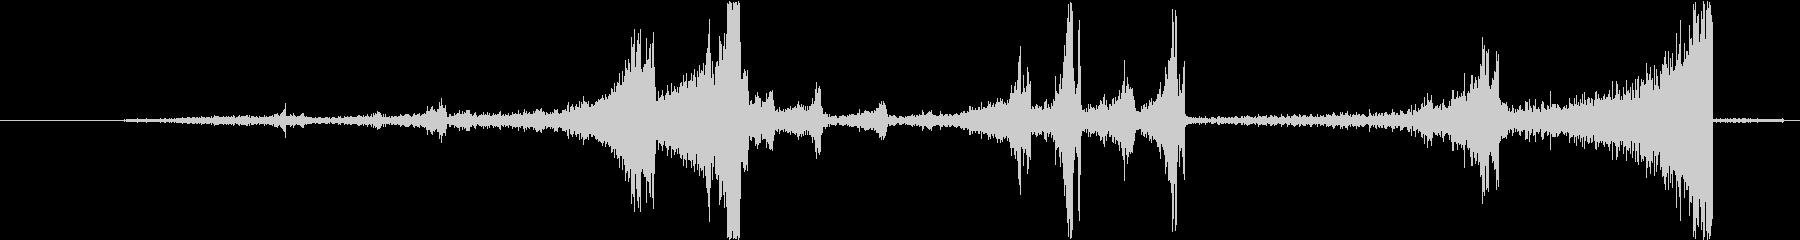 Zap 巻き戻し音・ザップ効果音 5の未再生の波形